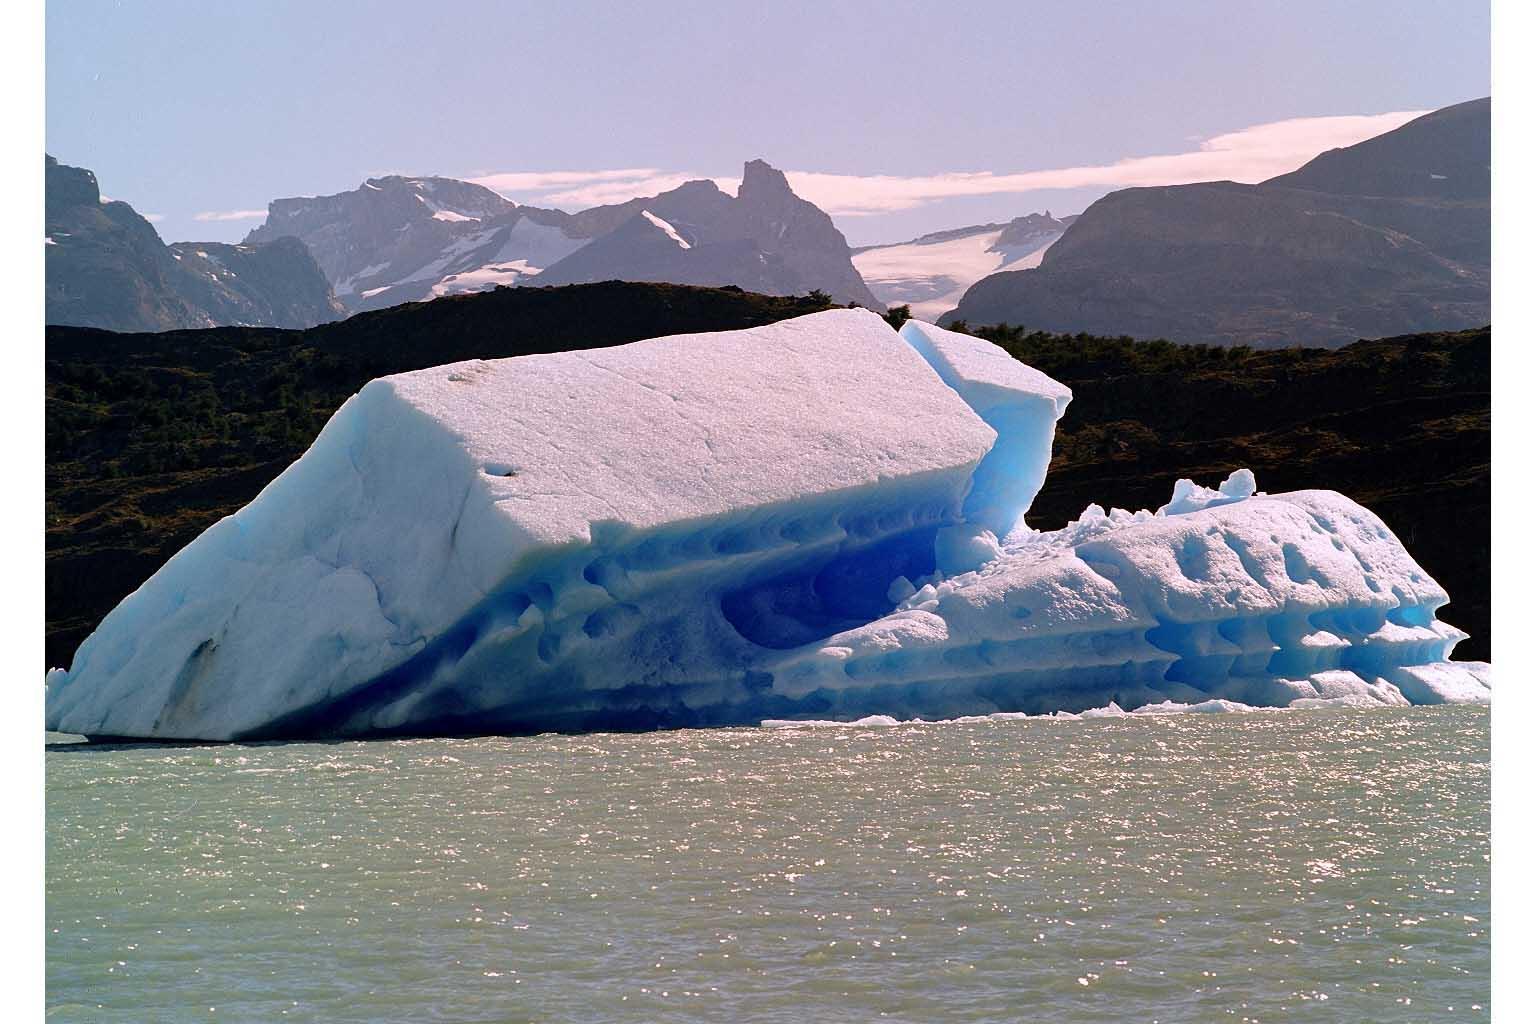 Desprendimiento del glaciar Upsala en el Canal de los Témpanos - Santa Cruz - Argentina